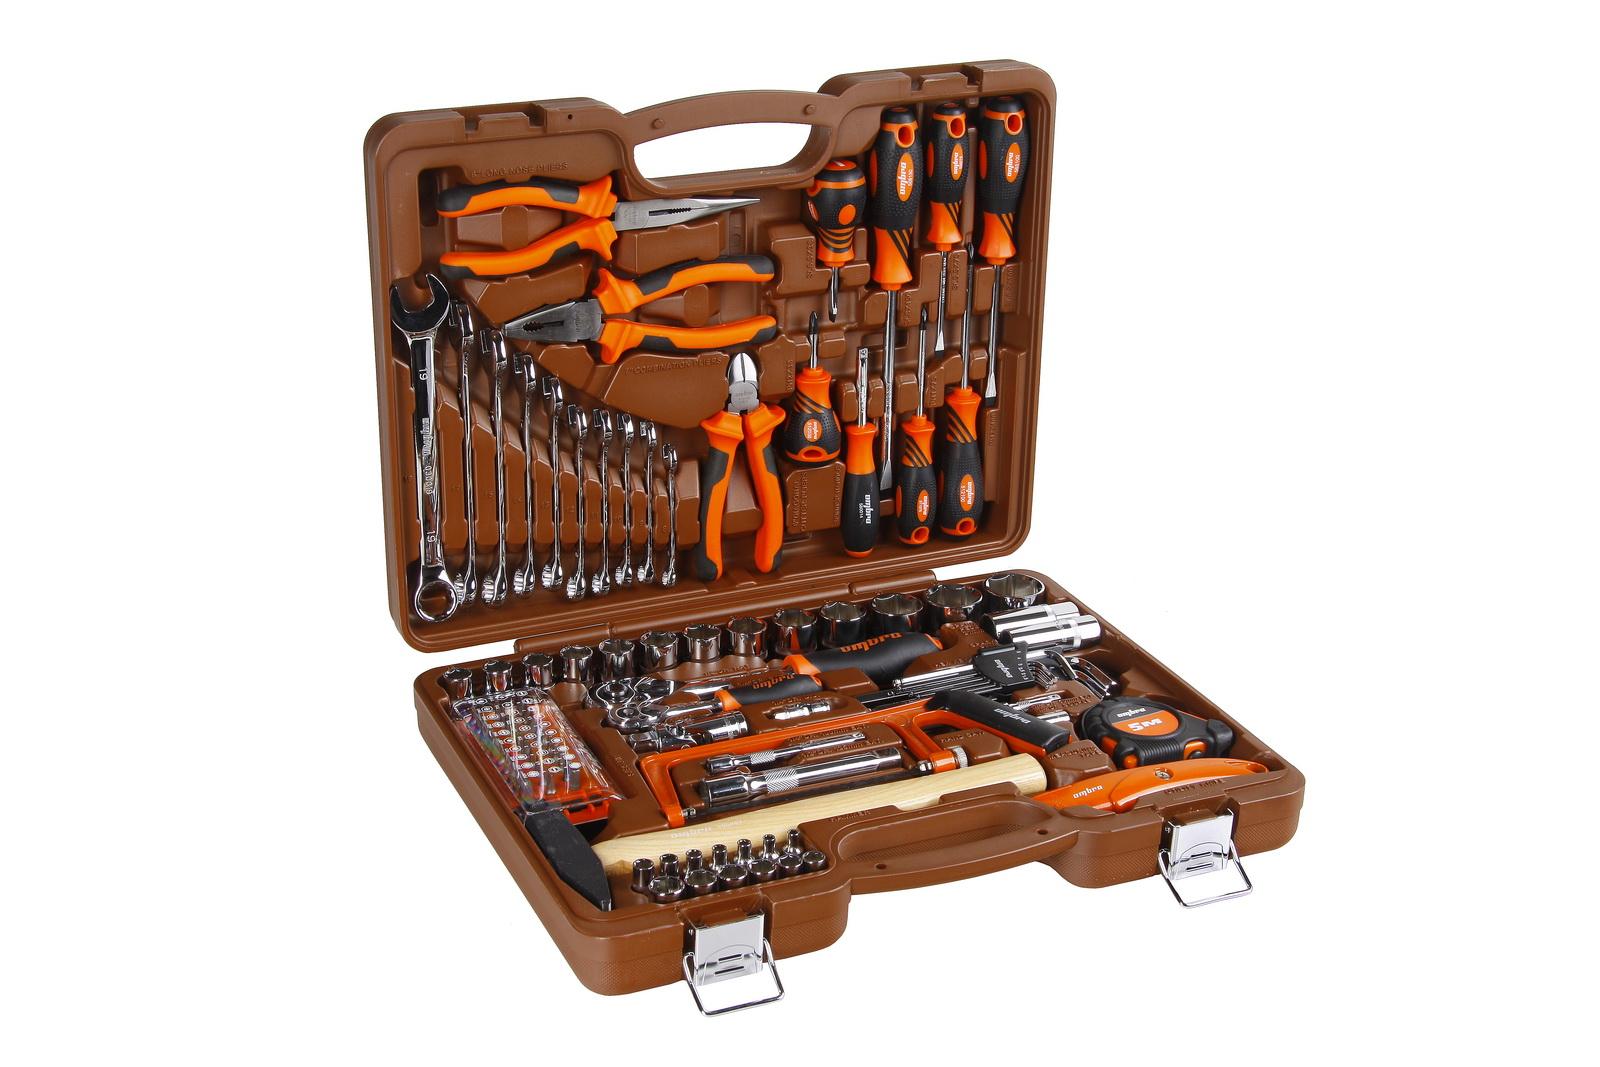 Профессиональный набор инструментов, 101 предмет Ombra Omt101s  цена и фото